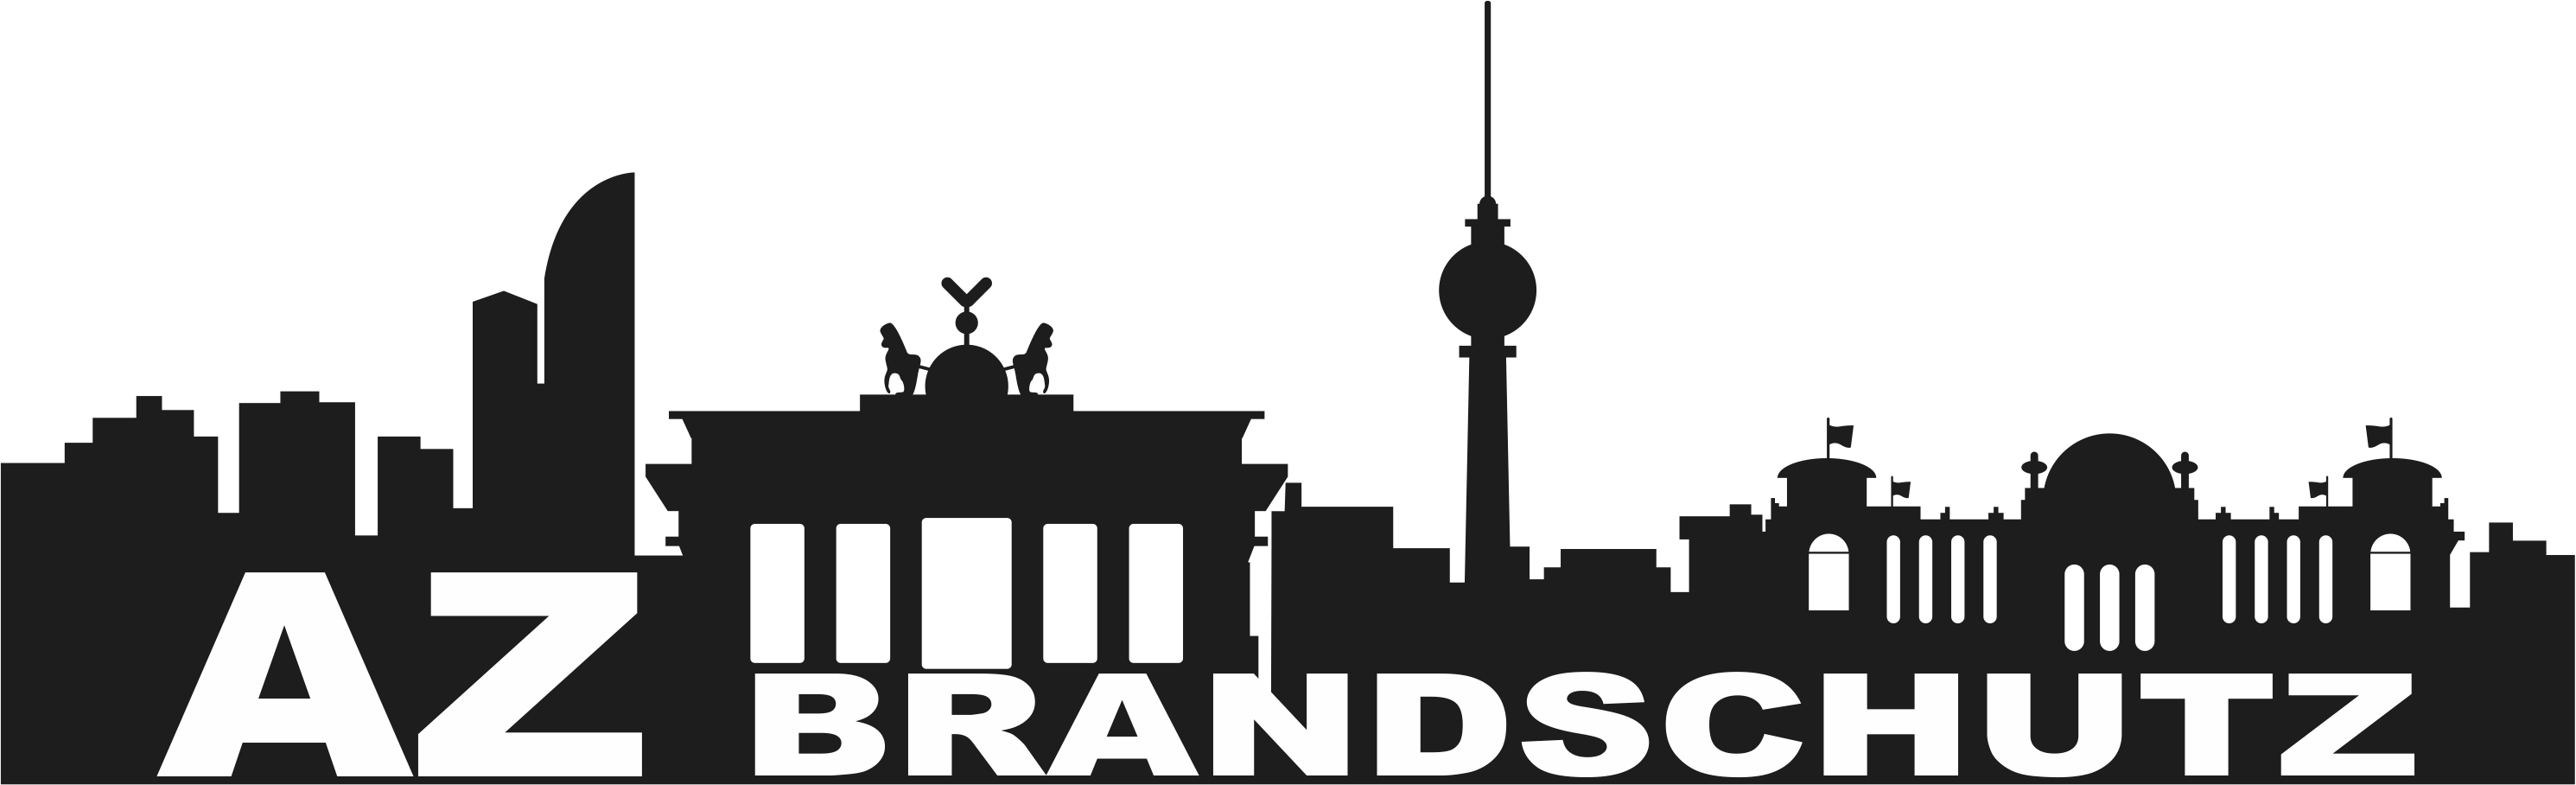 az-brandschutz-logo-1.png